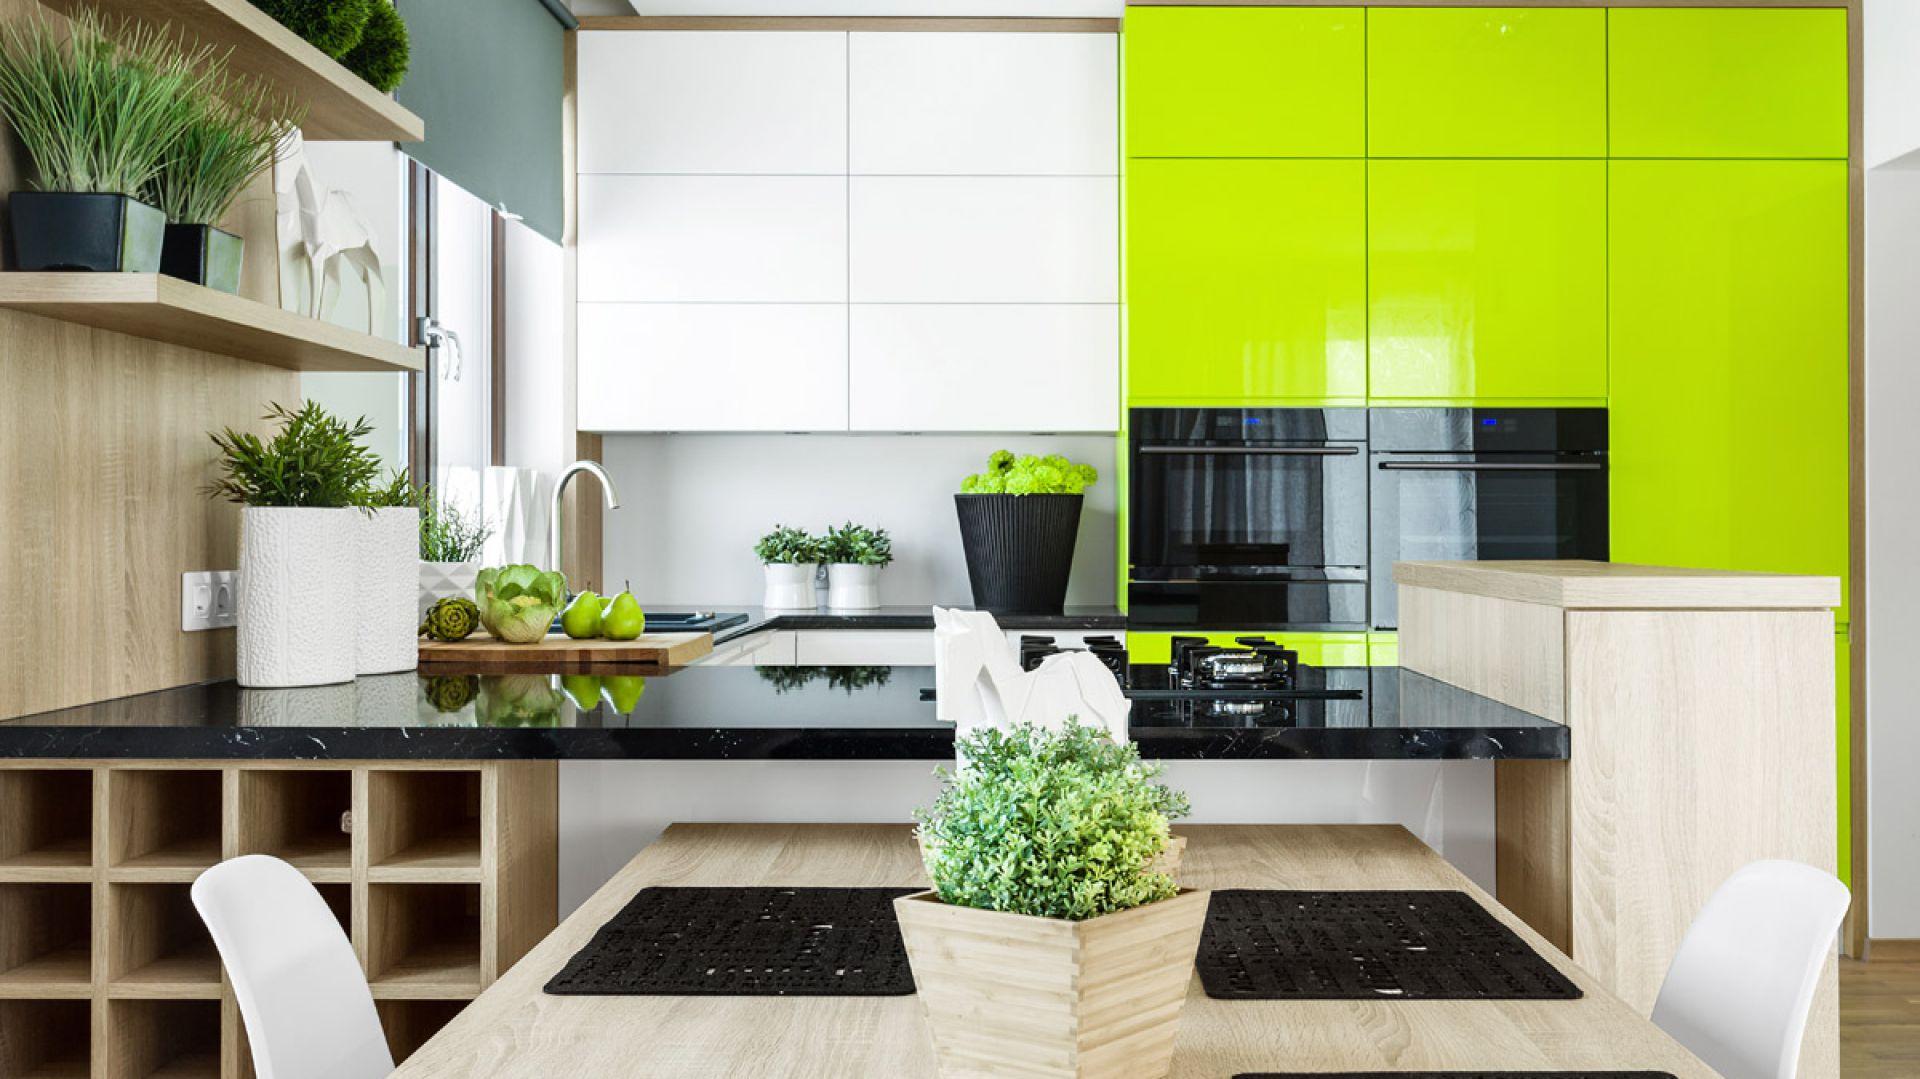 Akrylowe fronty dostępne są w wielu kolorach. Fot. Studio Max Kuchnie Vigo